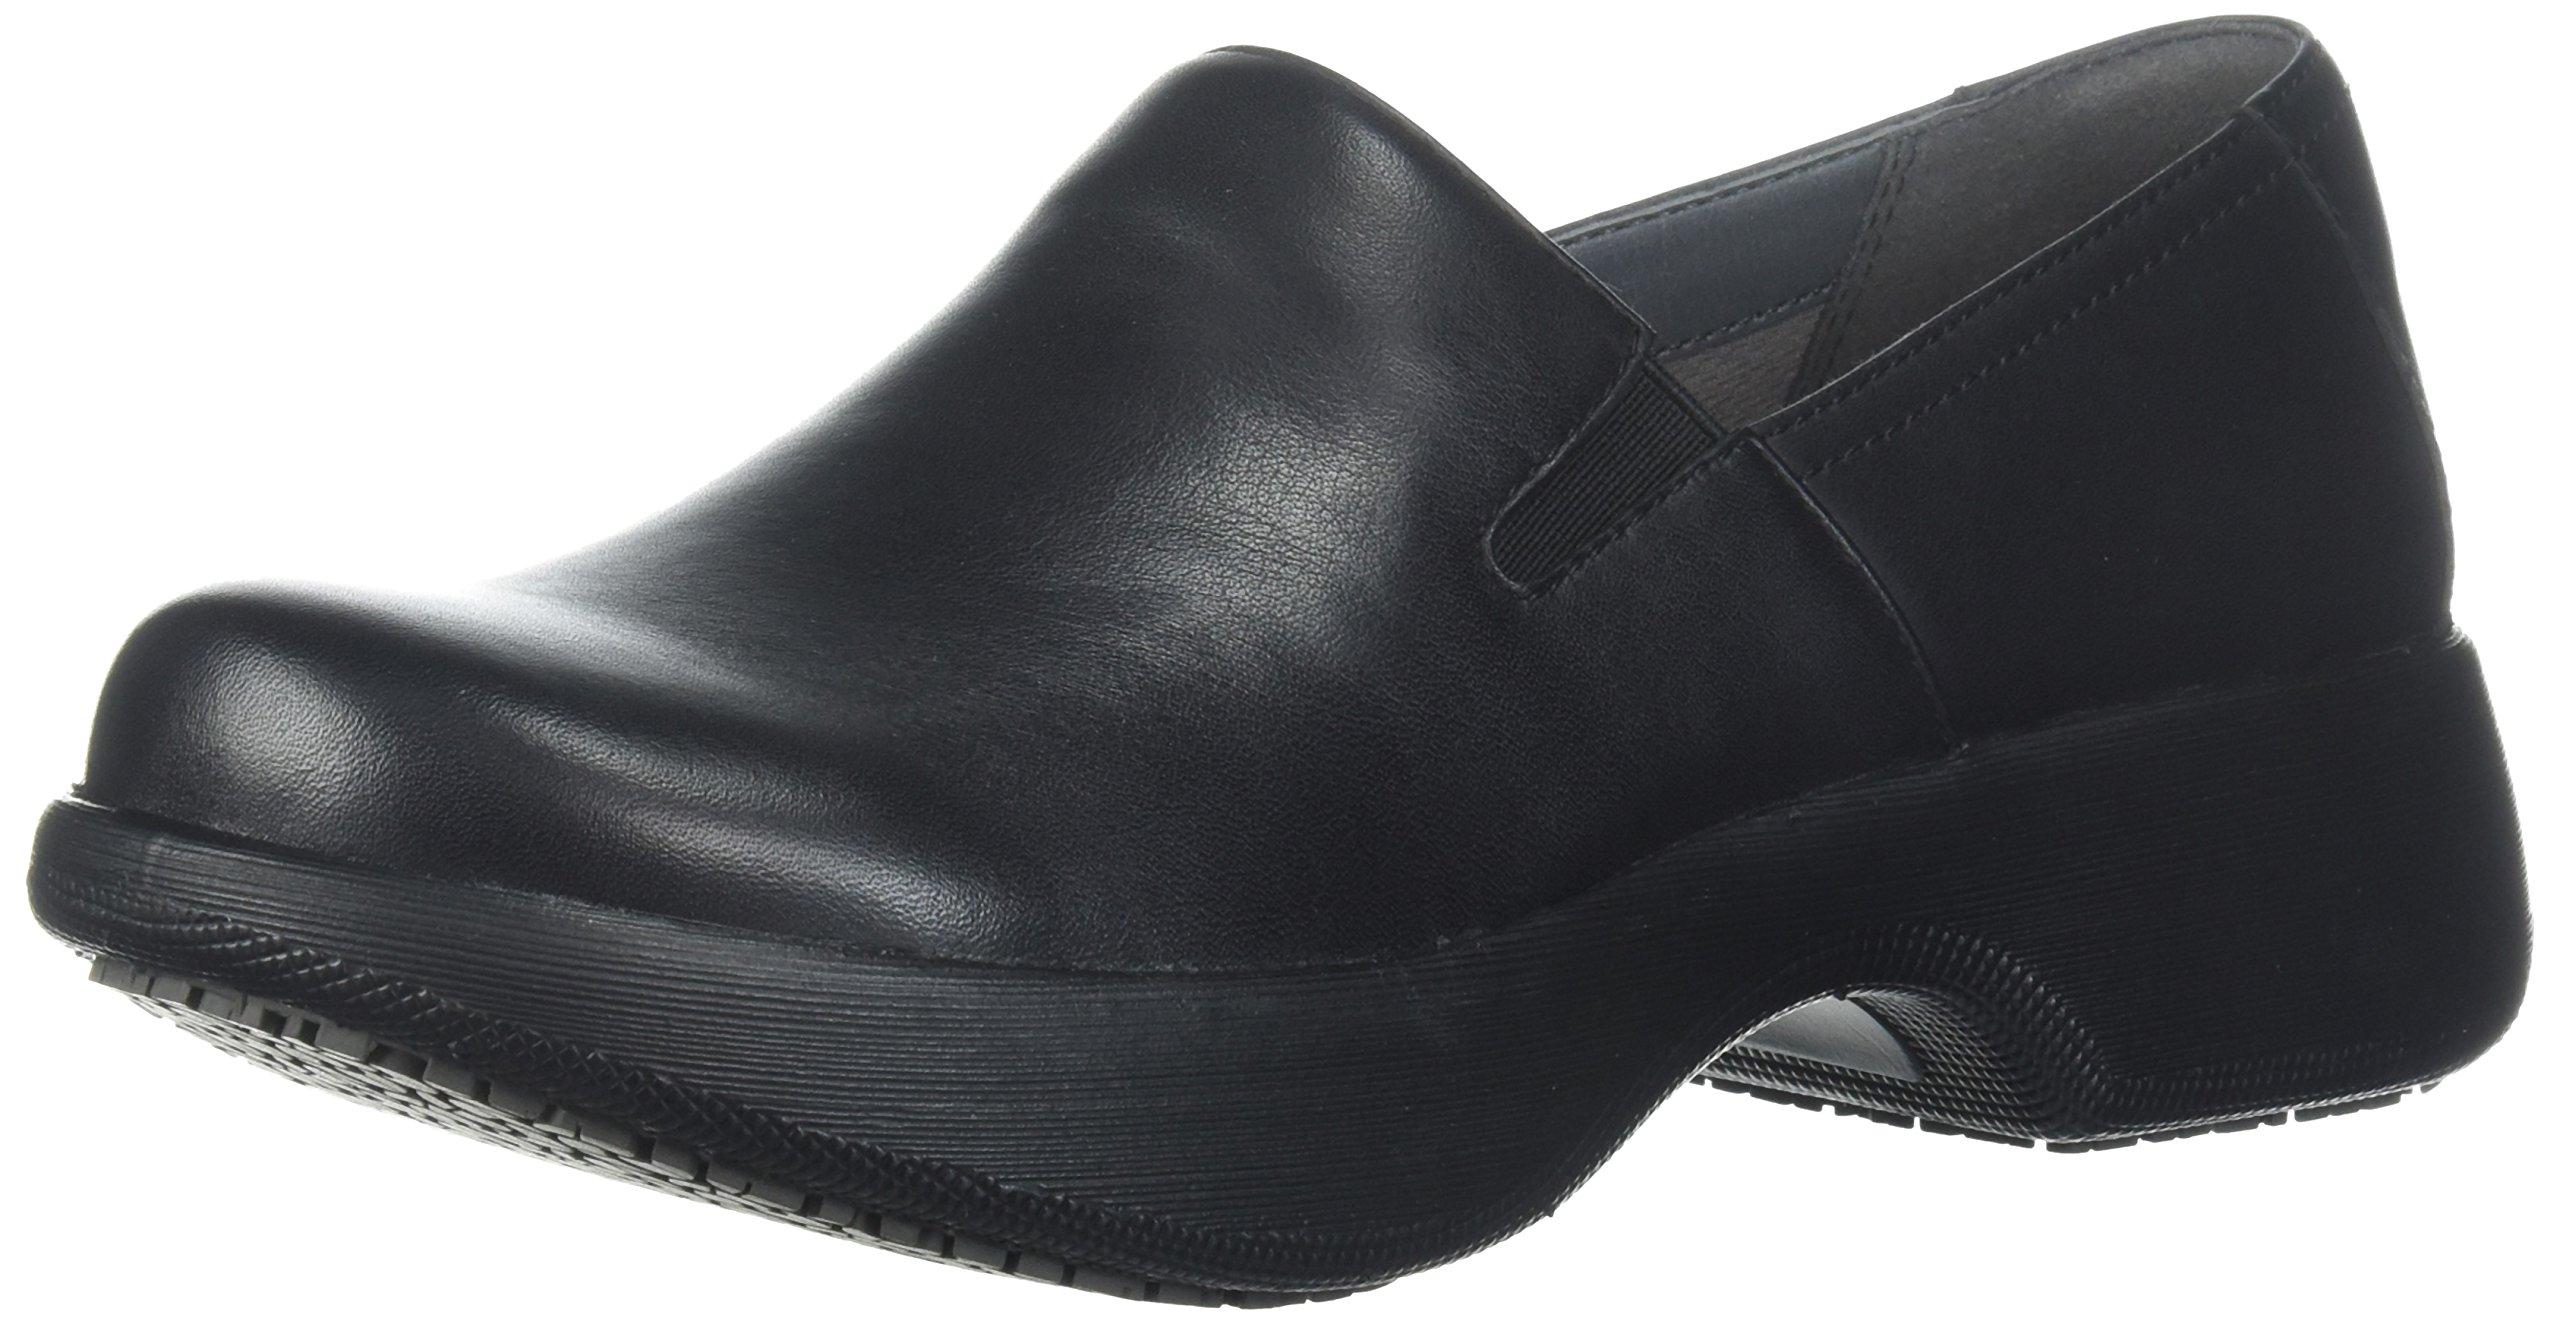 Dansko Women's Winona Loafer Flat, Black Milled Nappa, 40 M EU (9.5-10 US) by Dansko